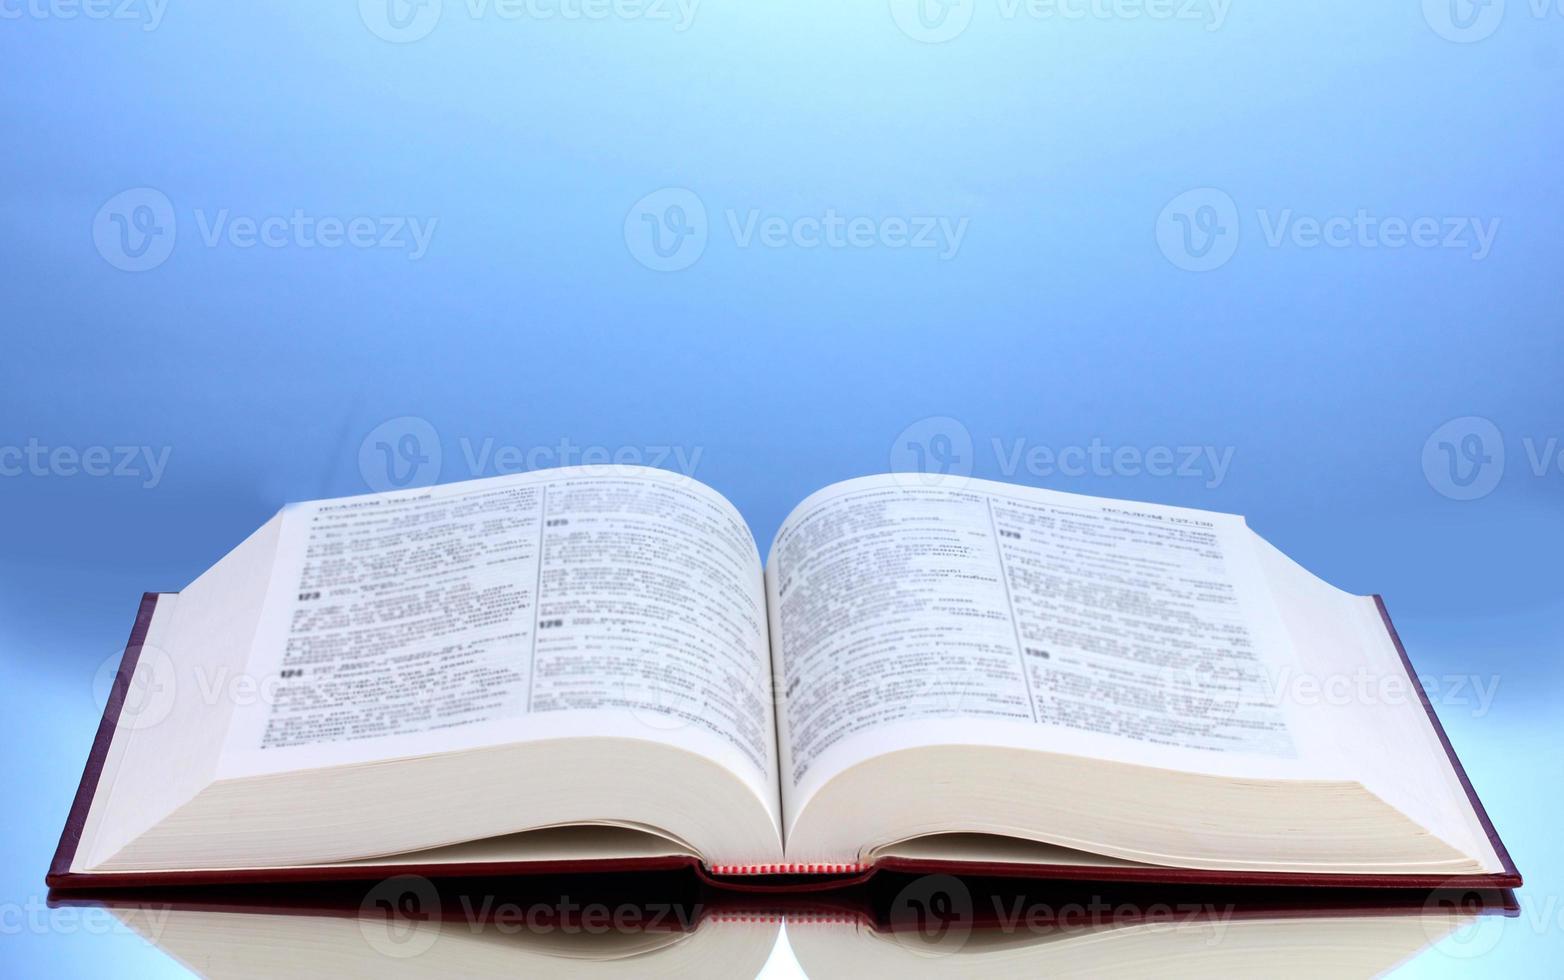 libro aperto sulla superficie riflettente del tavolo su sfondo blu foto